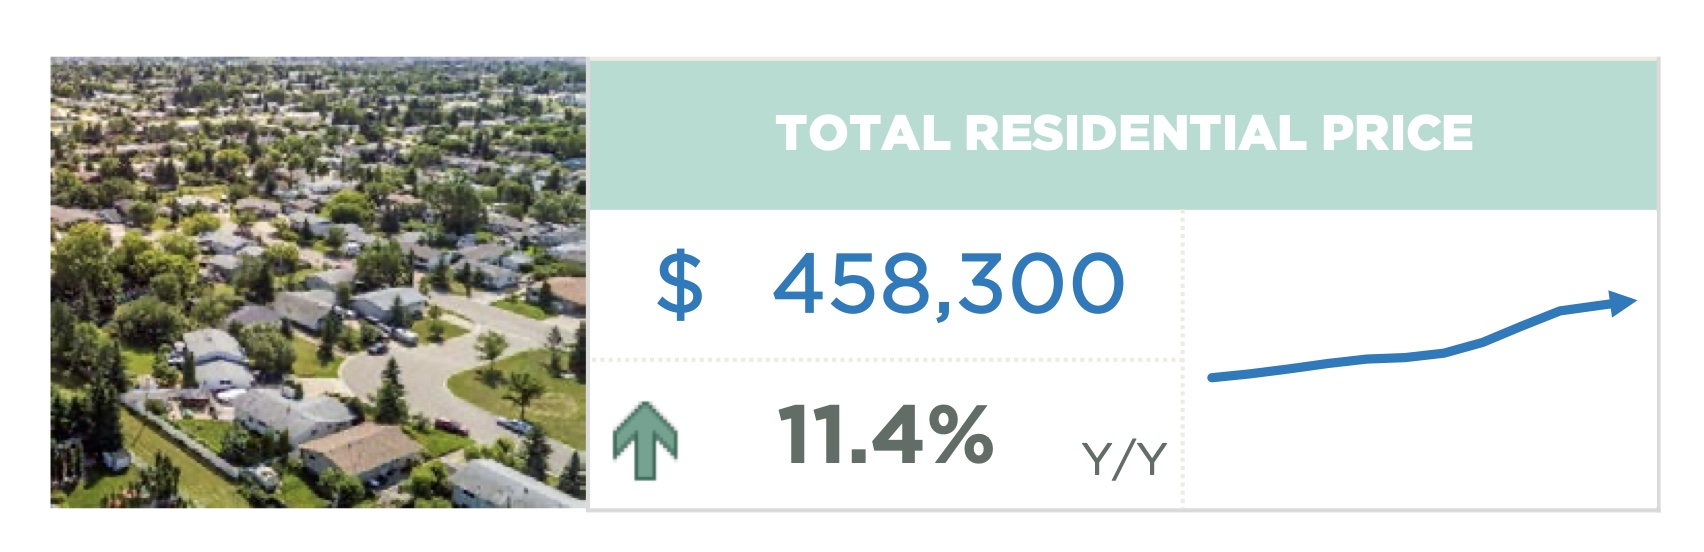 Calgary Real Estate Statistics for June 2021